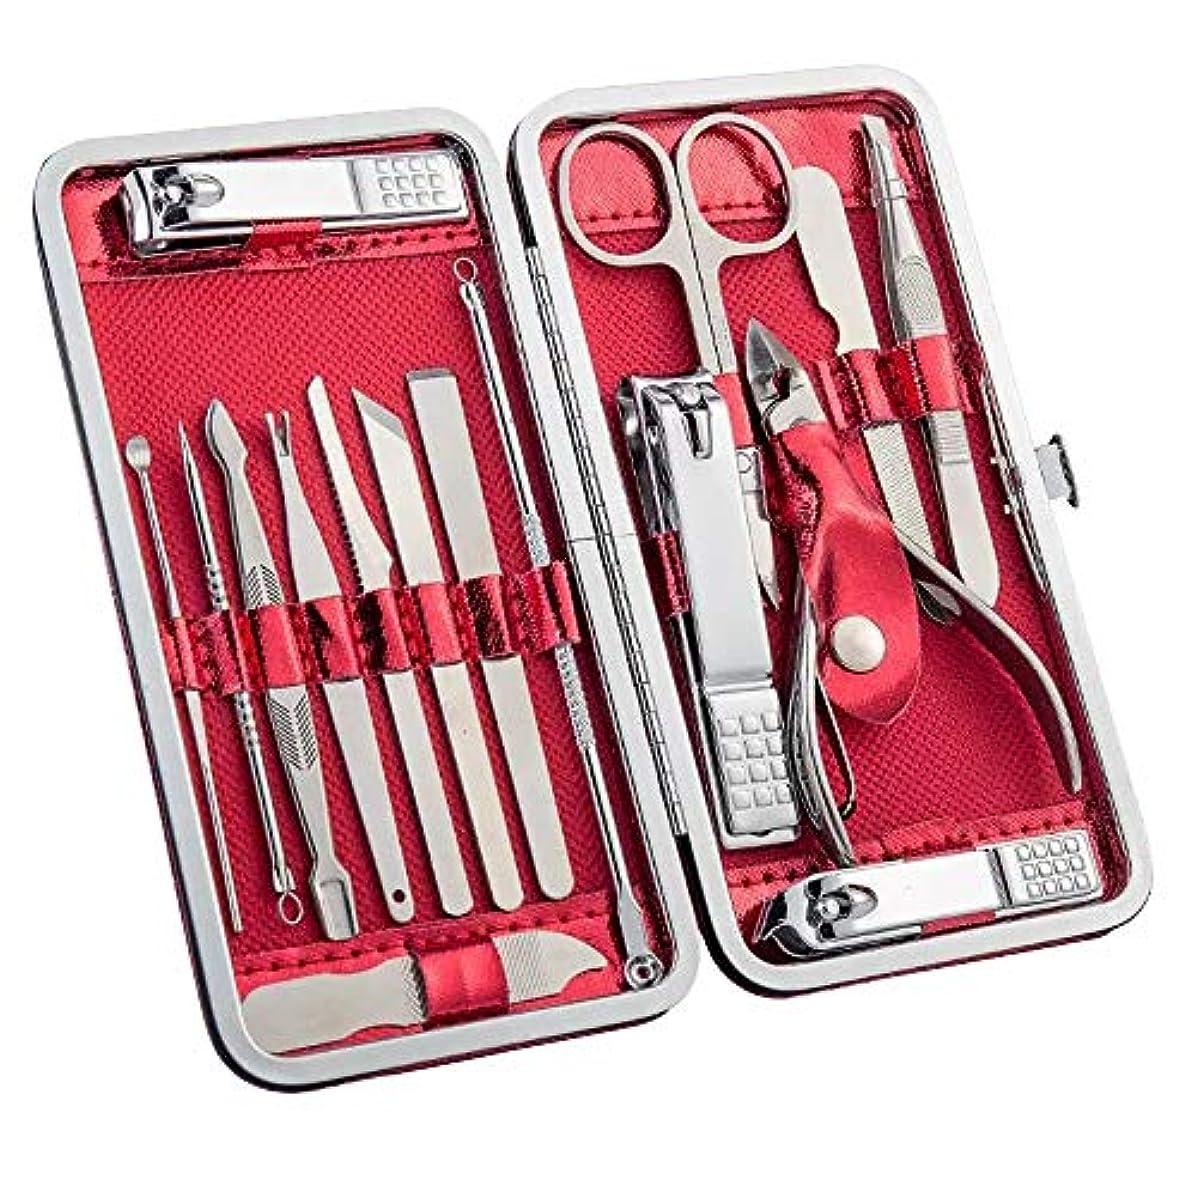 知覚的囲い援助するBOZEVON ネイルケア16点セット - 角質ケアステンレス製爪切りセット, レッド